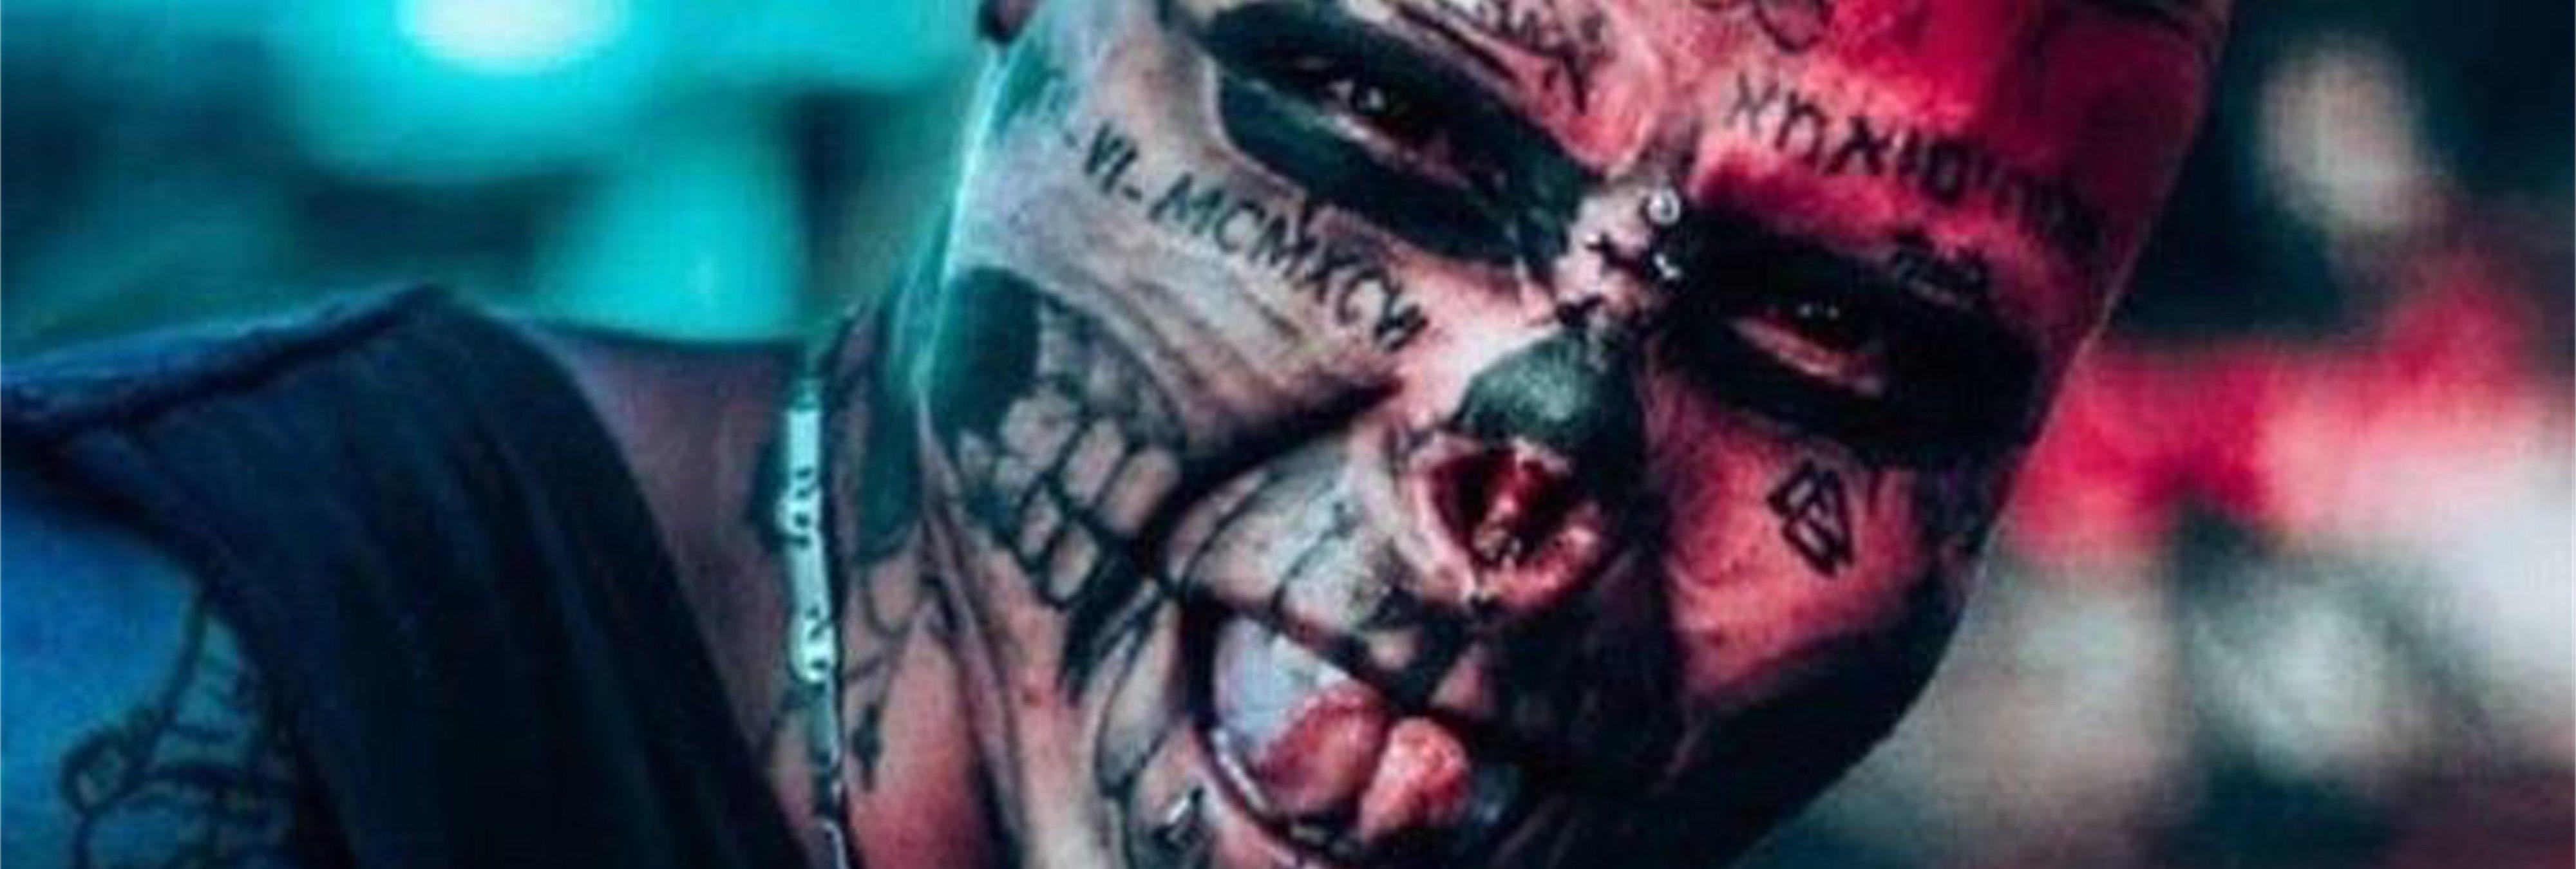 Se tatúa la cara y se mutila la nariz y las orejas para parecer una calavera